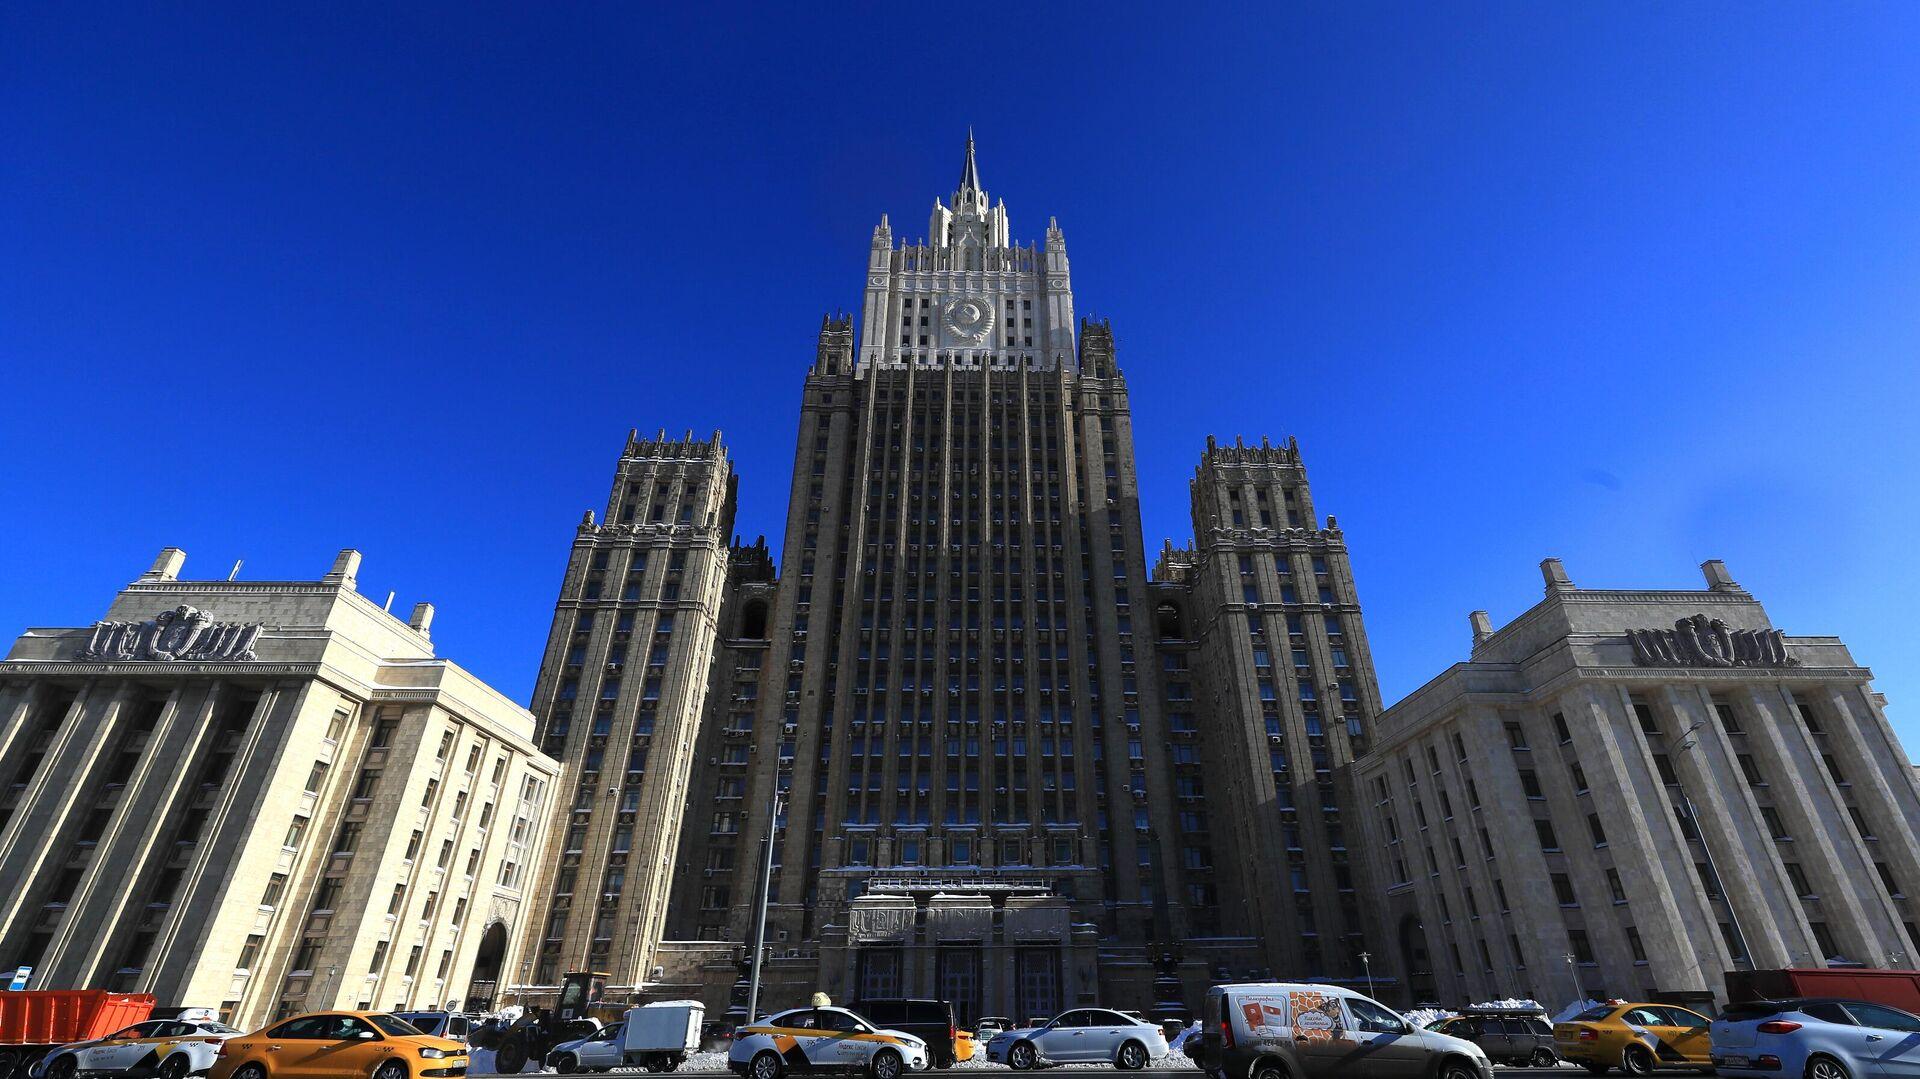 Здание Министерства иностранных дел РФ  - РИА Новости, 1920, 04.03.2021